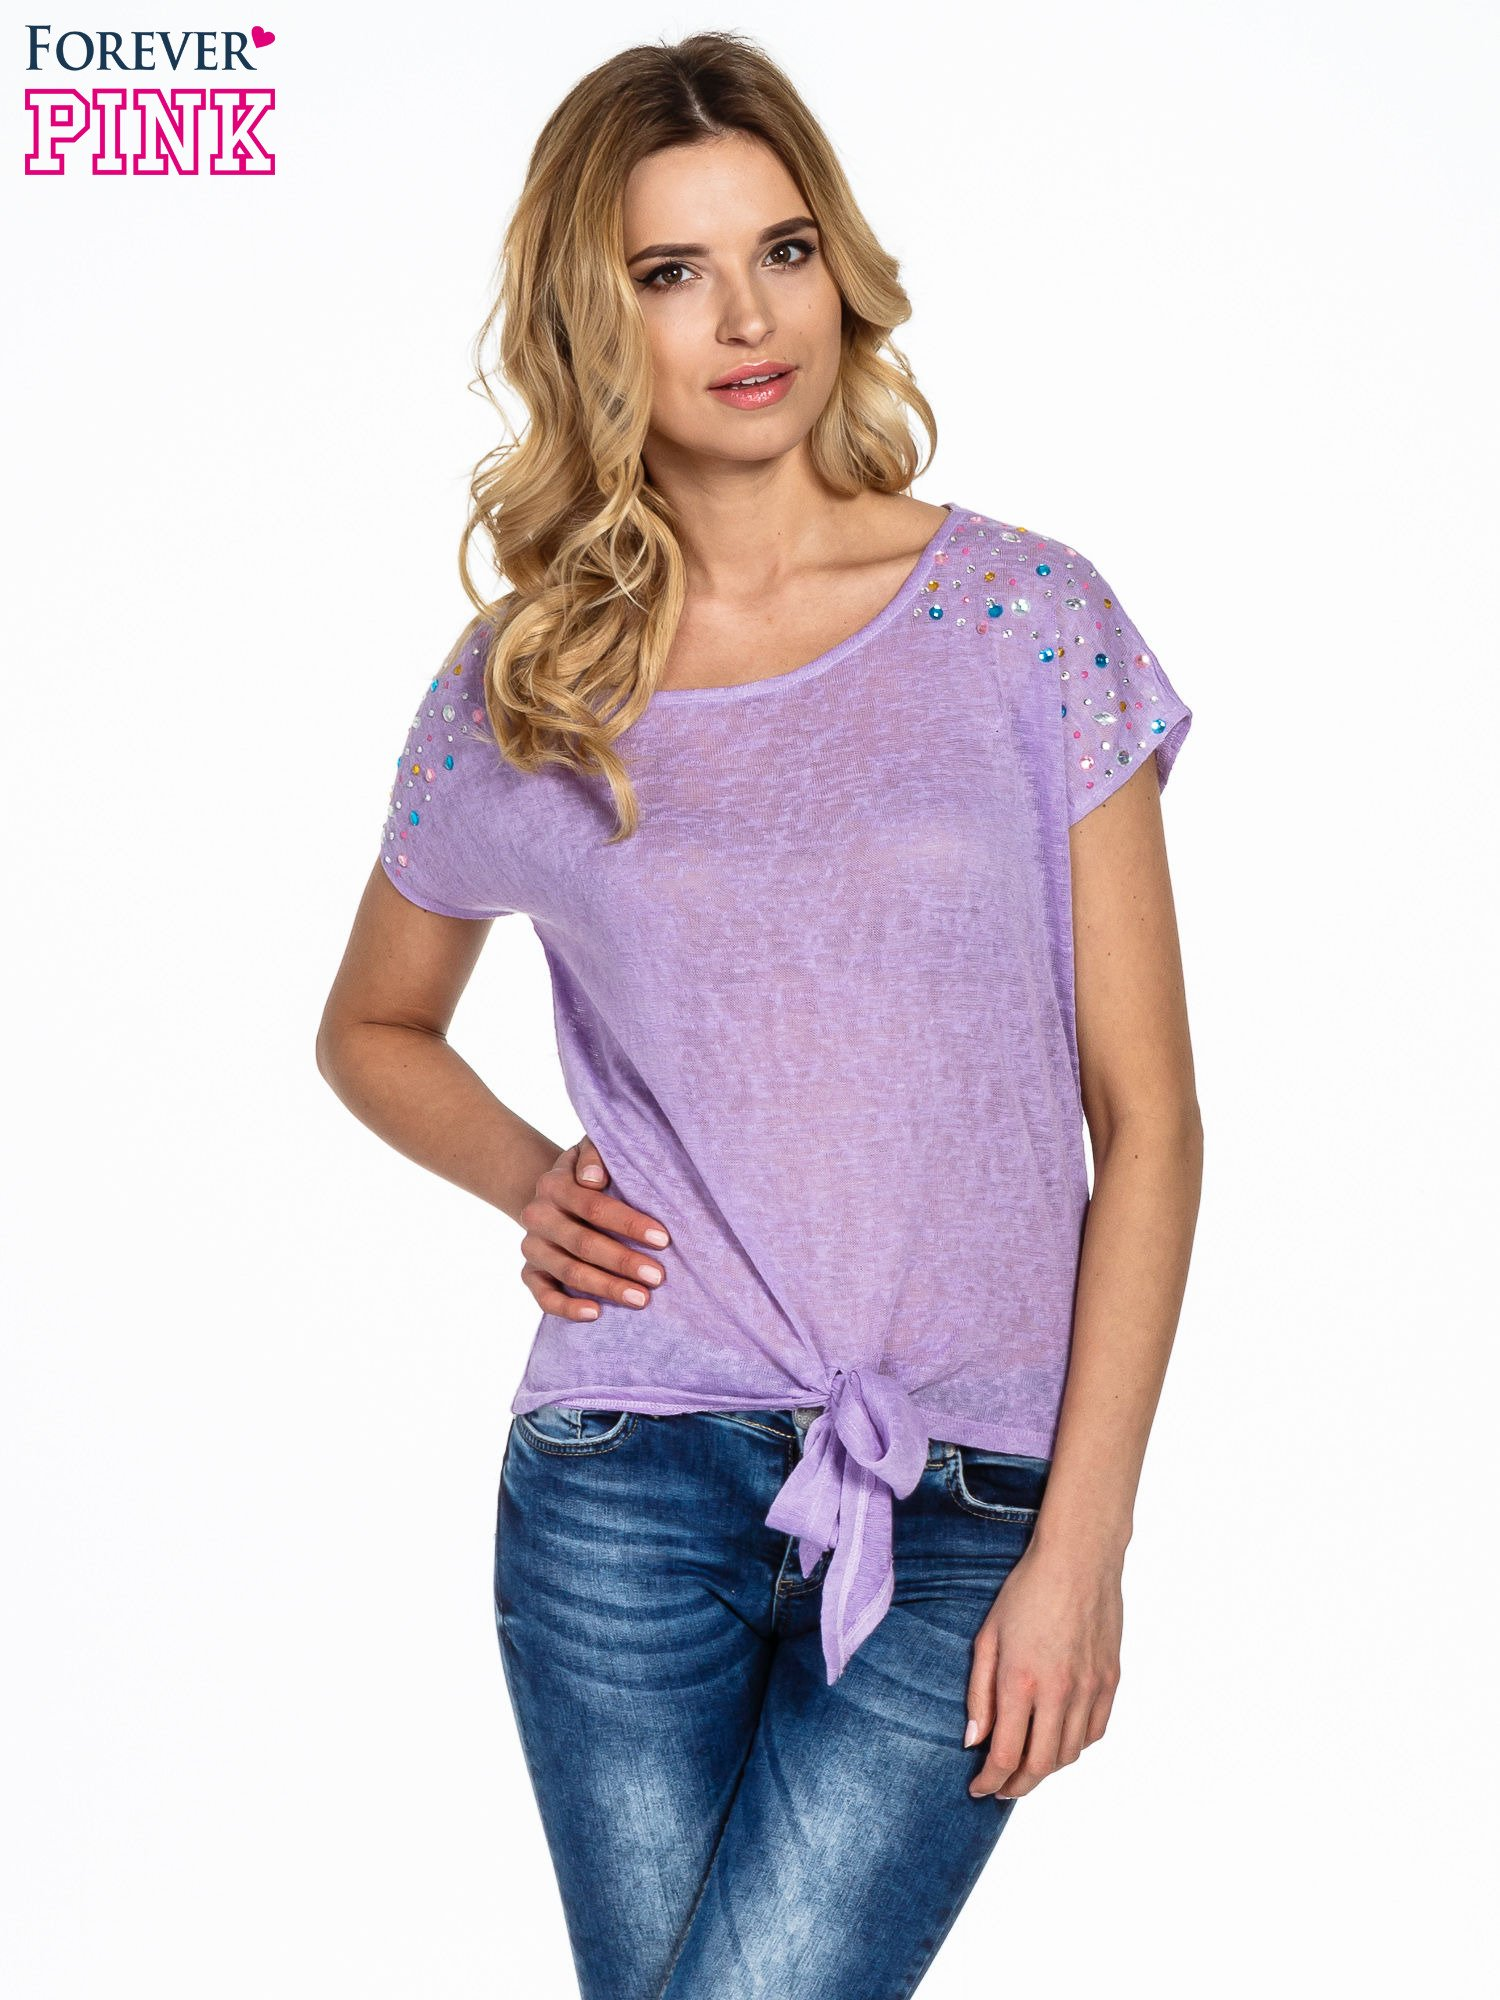 Fioletowy t-shirt z węzłem zdobiony kryształkami                                  zdj.                                  1